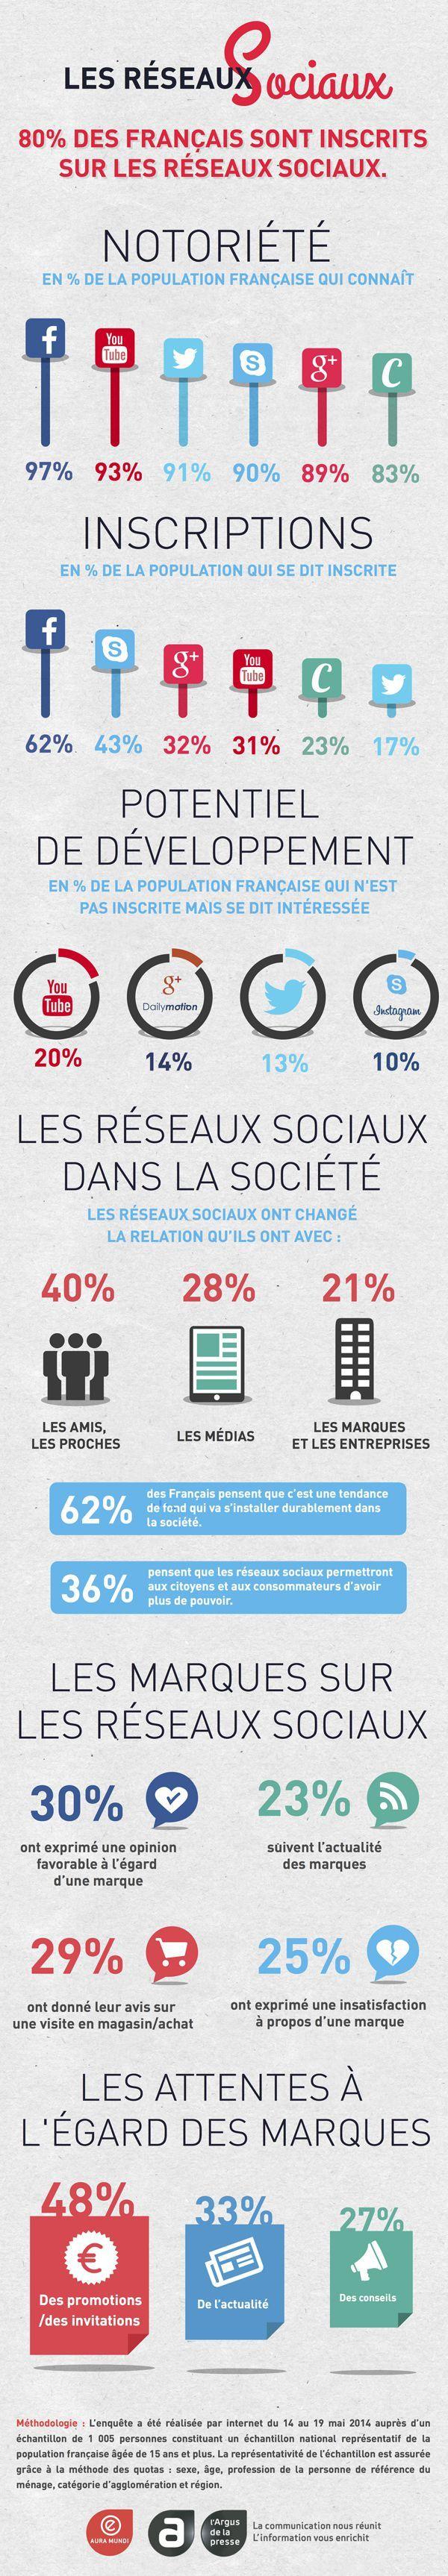 Les Réseaux Sociaux en France - Novembre 2014